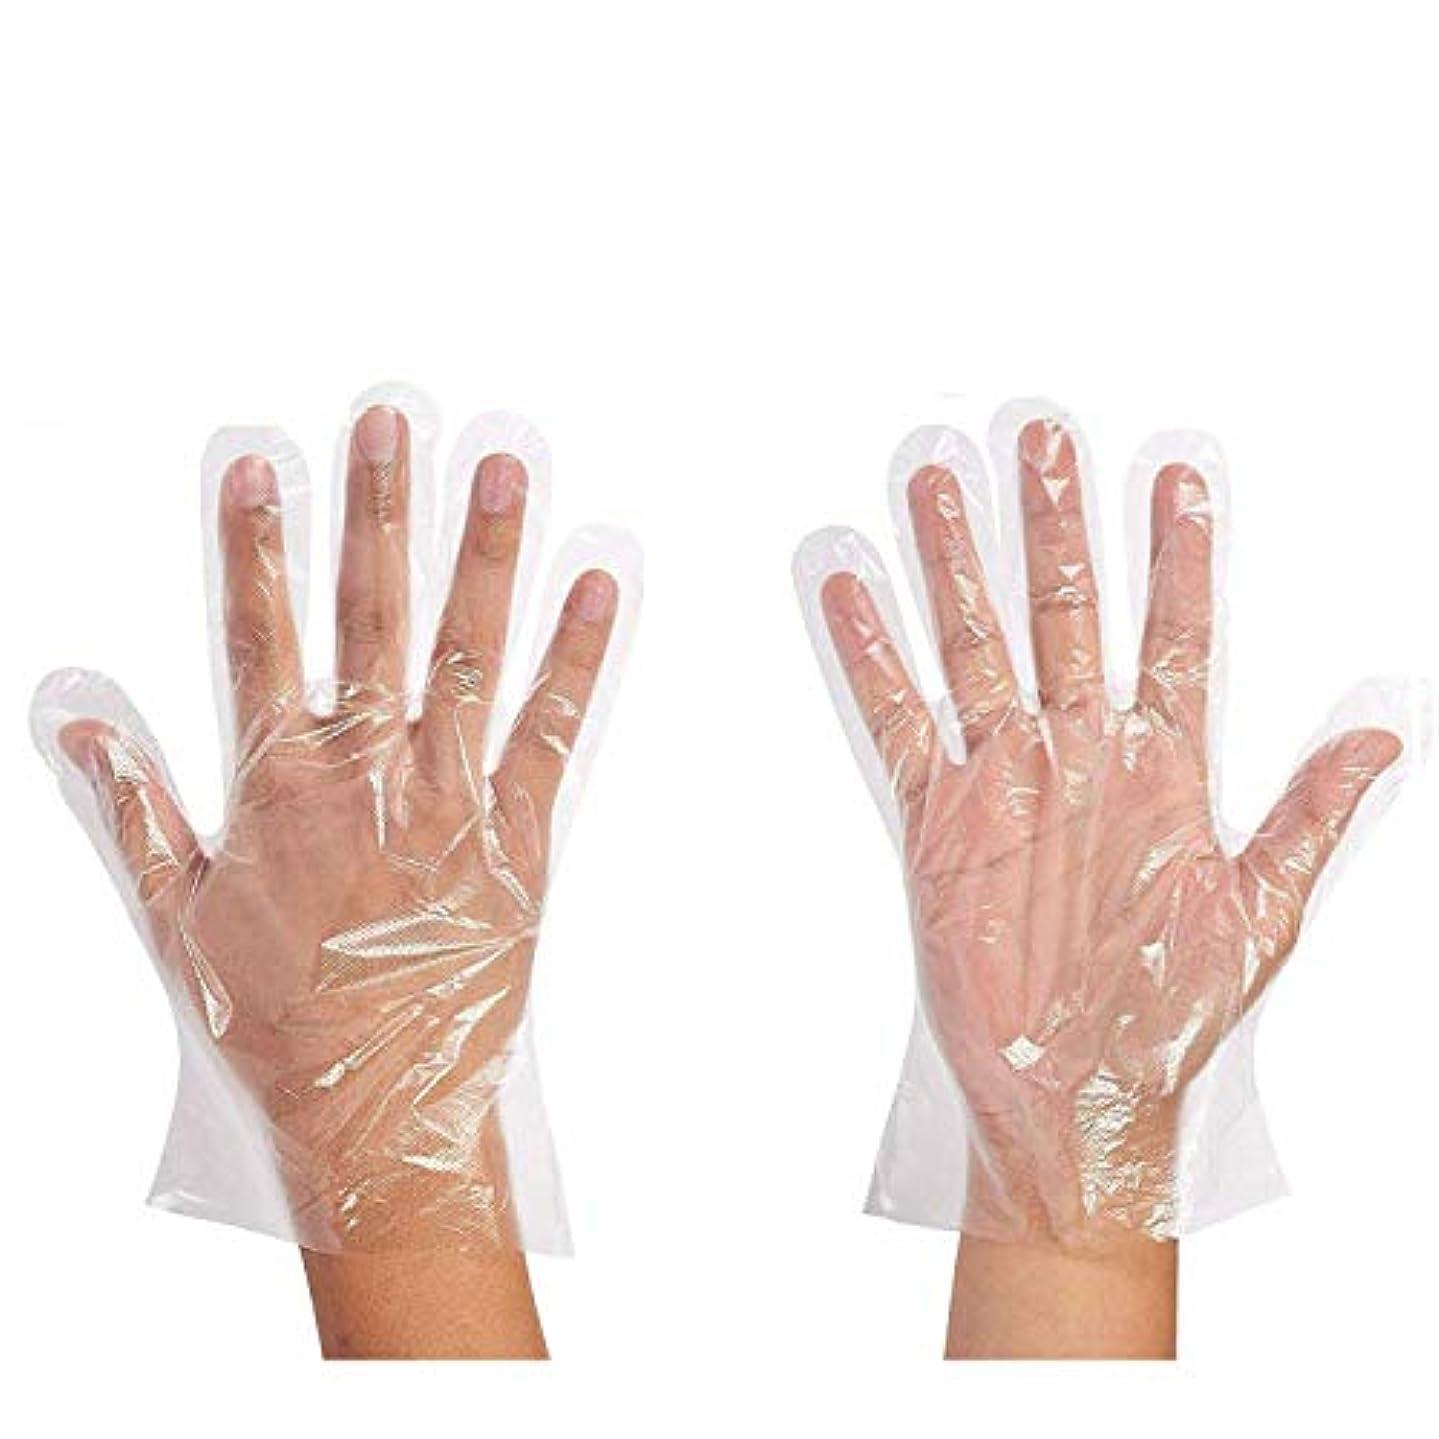 変更可能親愛な立ち寄る500枚セット使い捨て手袋 ポリエチレン 極薄ビニール手袋 実用 衛生 極薄手袋毛染めに 調理に お掃除に 透明